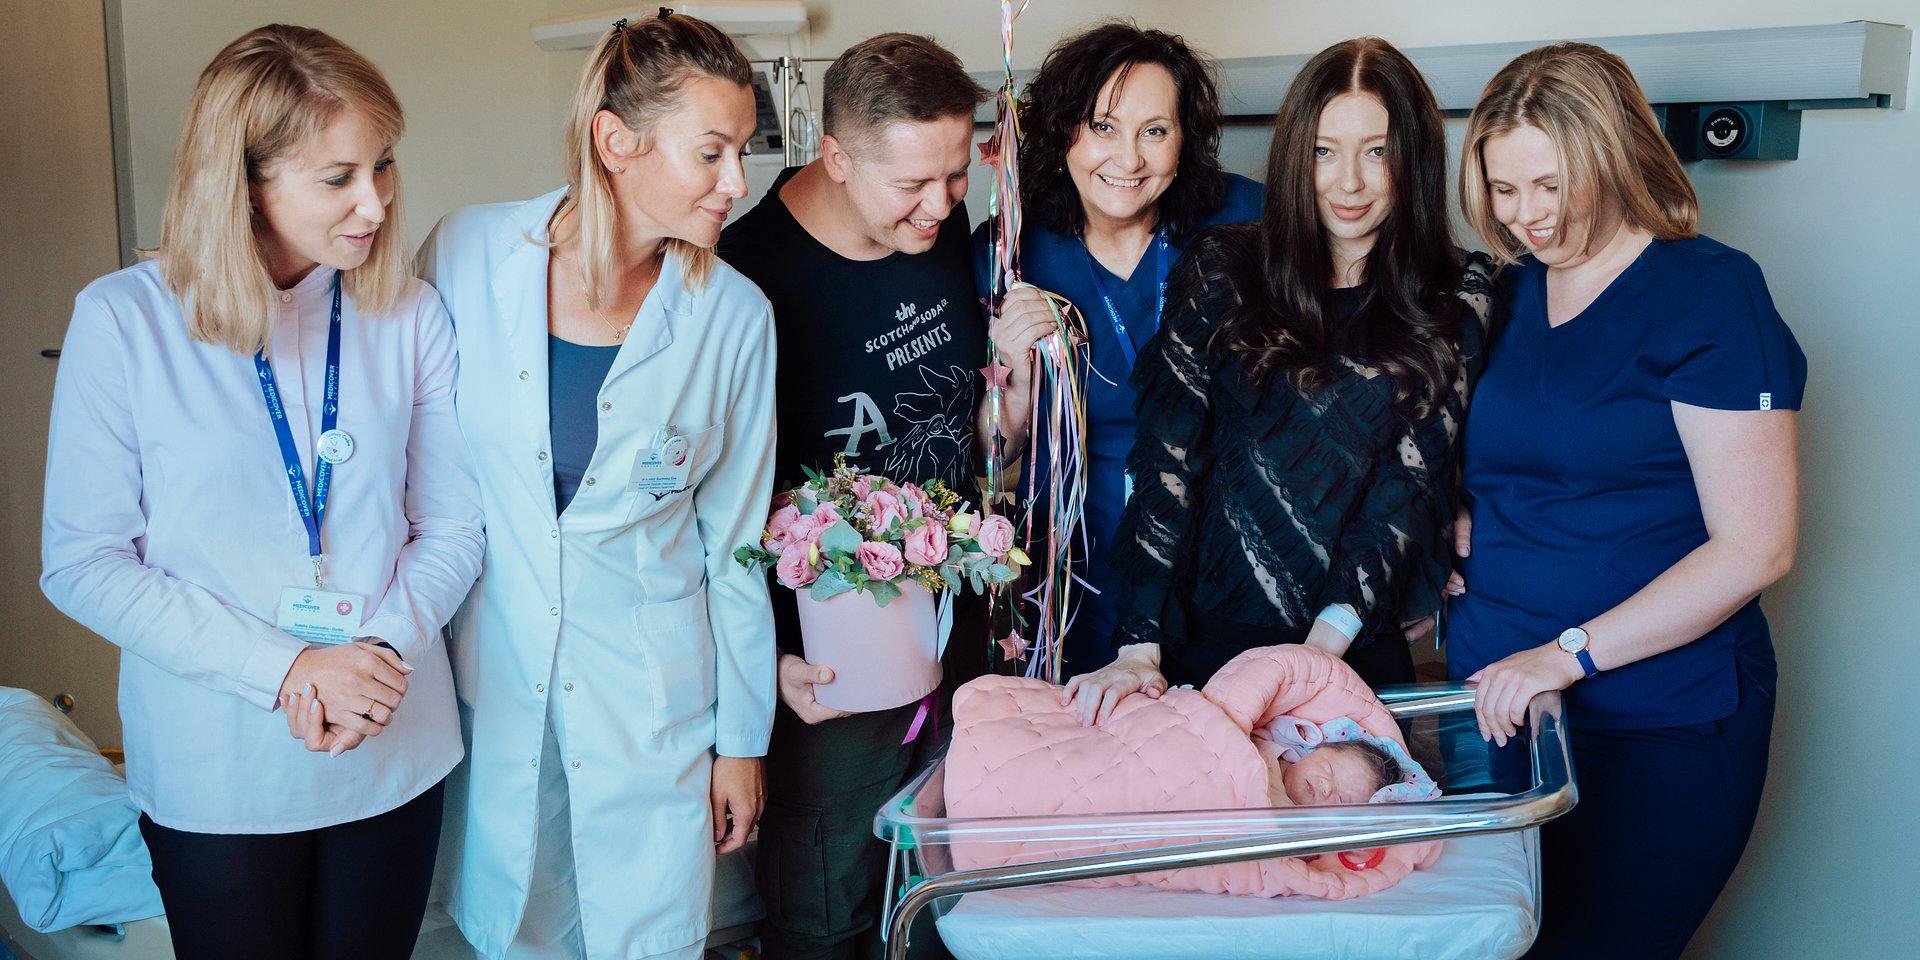 10-tysięczny noworodek powitany w Szpitalu Medicover